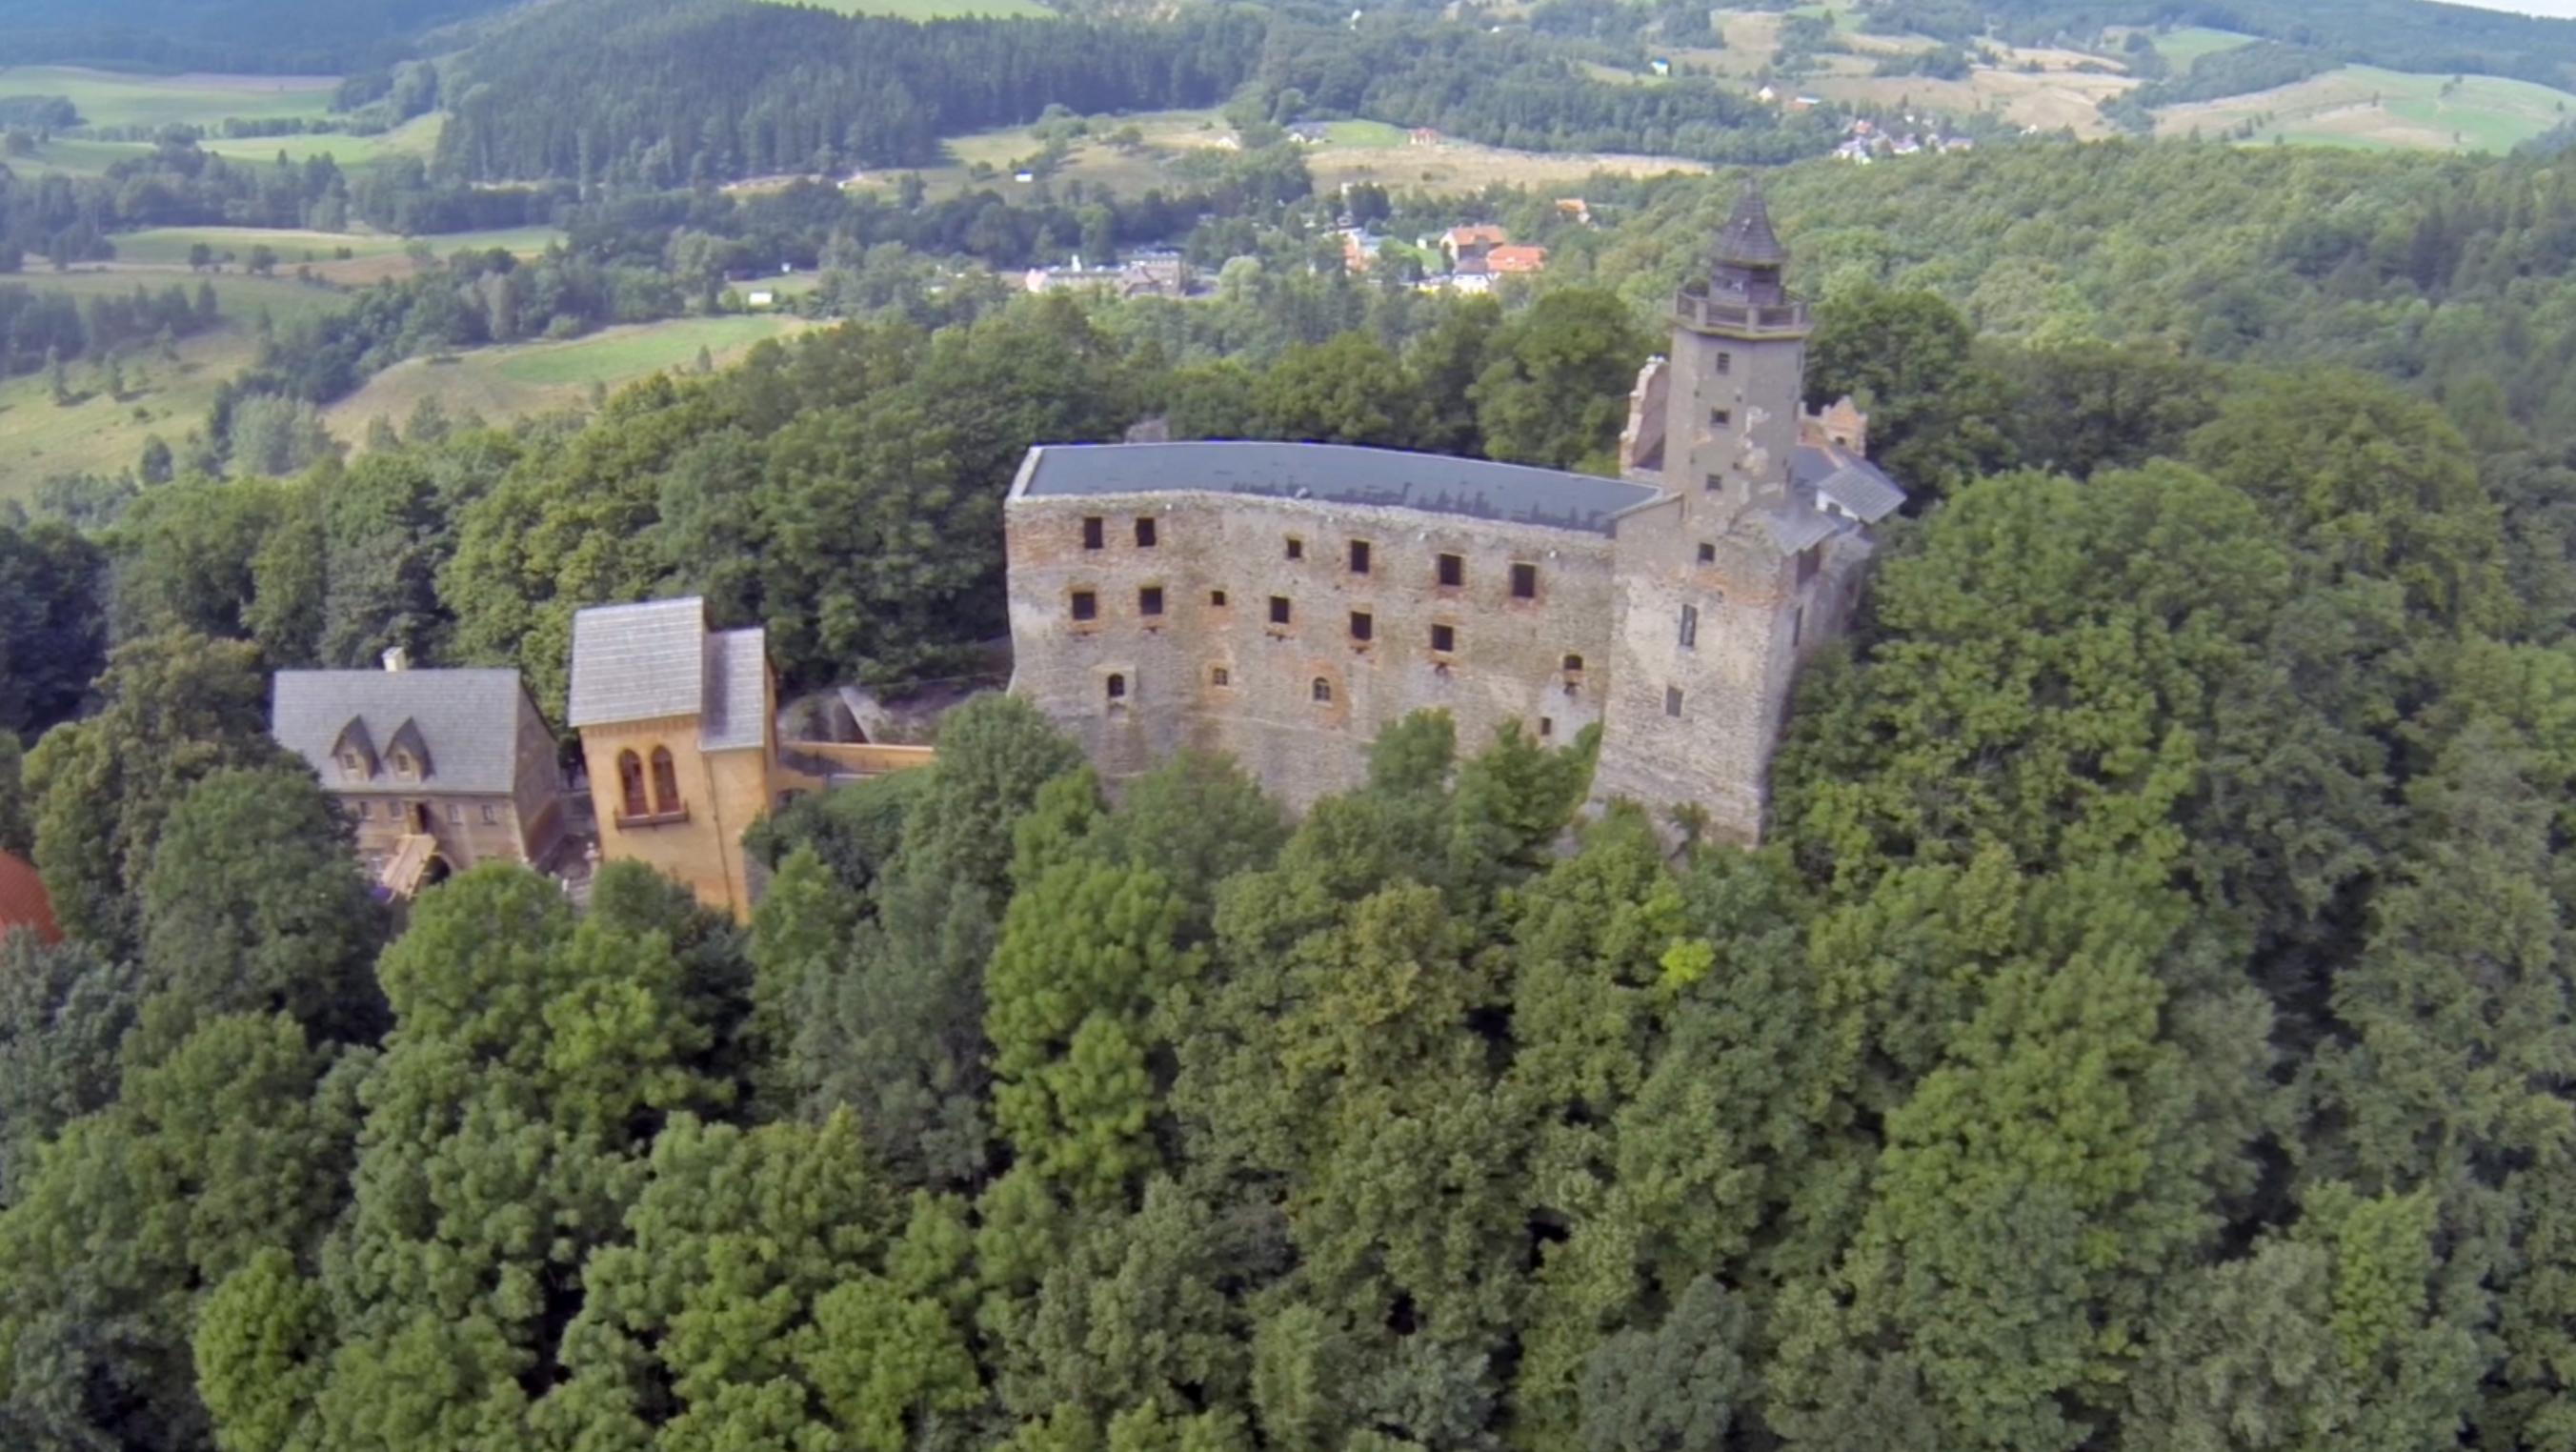 Zamek Grodno - Polska z drona - Podróżniccy.com